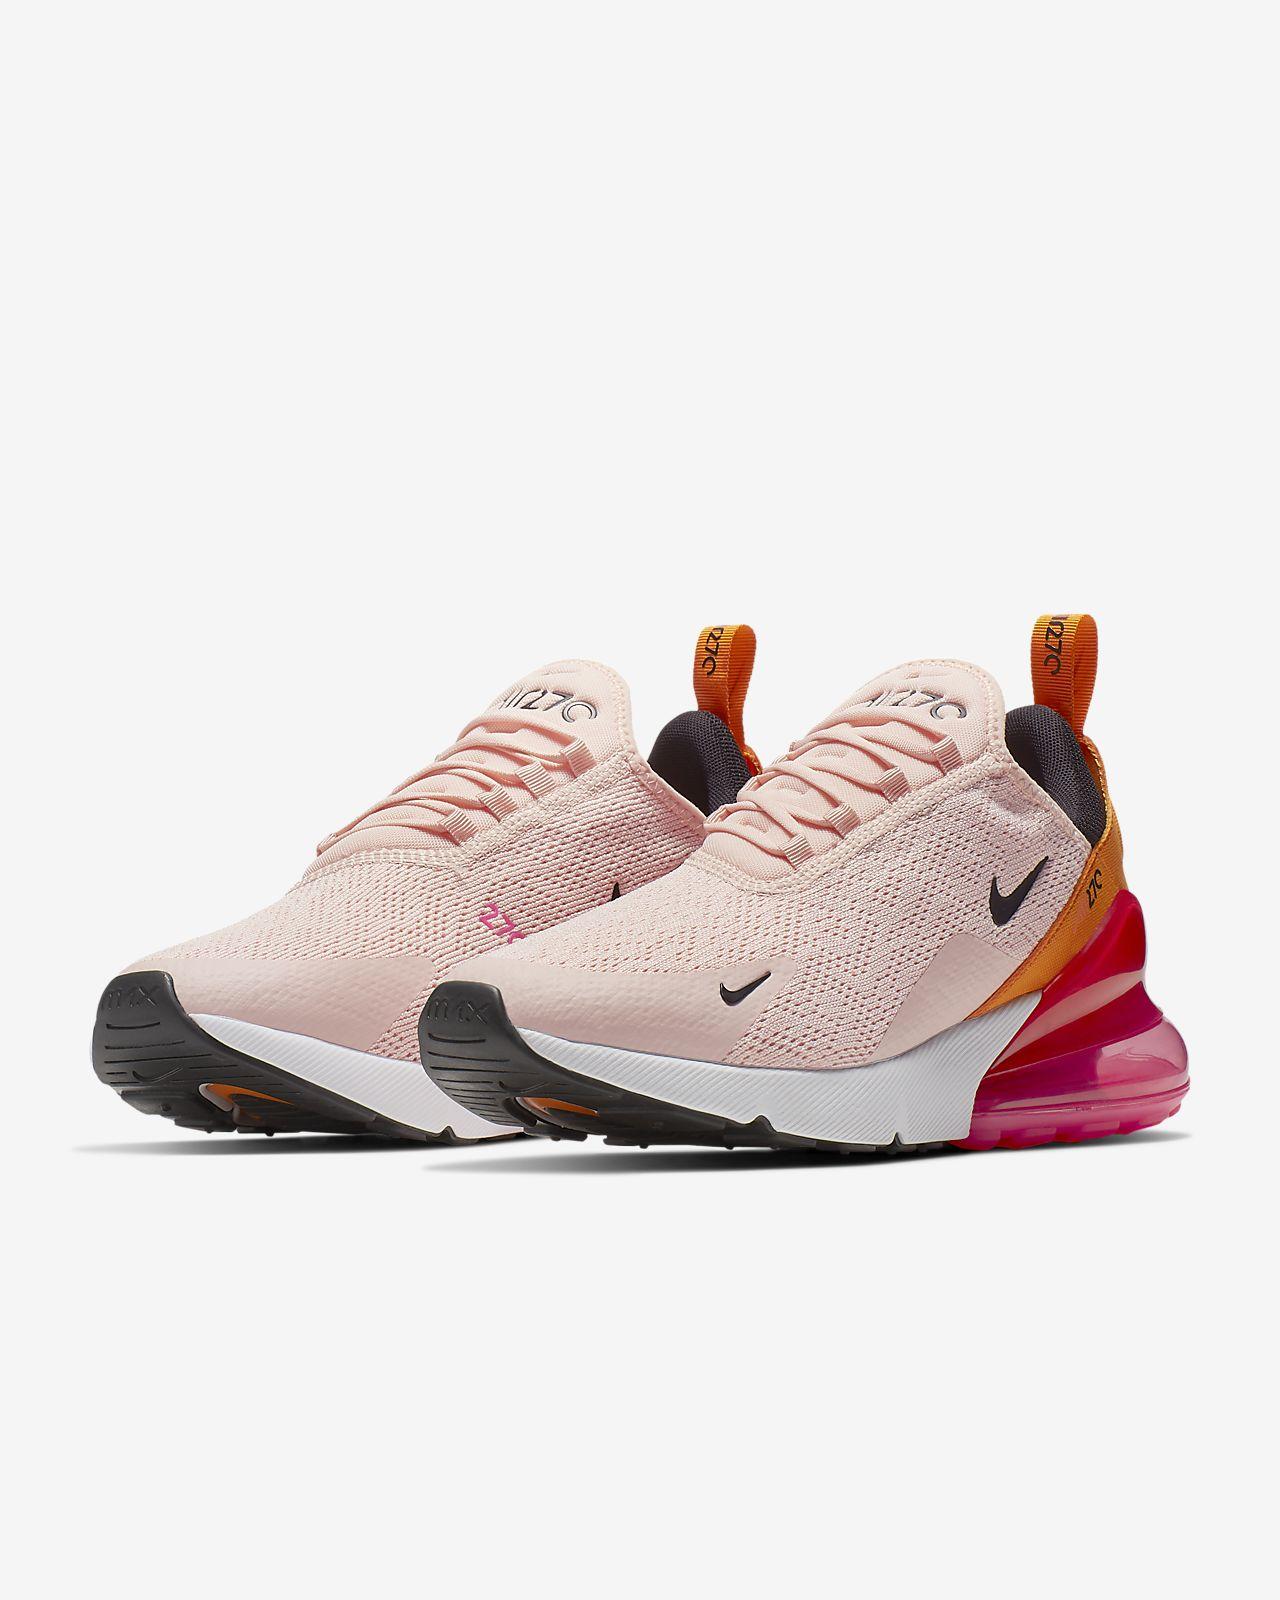 sports shoes e9131 e5c16 Nike Air Max 270 Women's Shoe